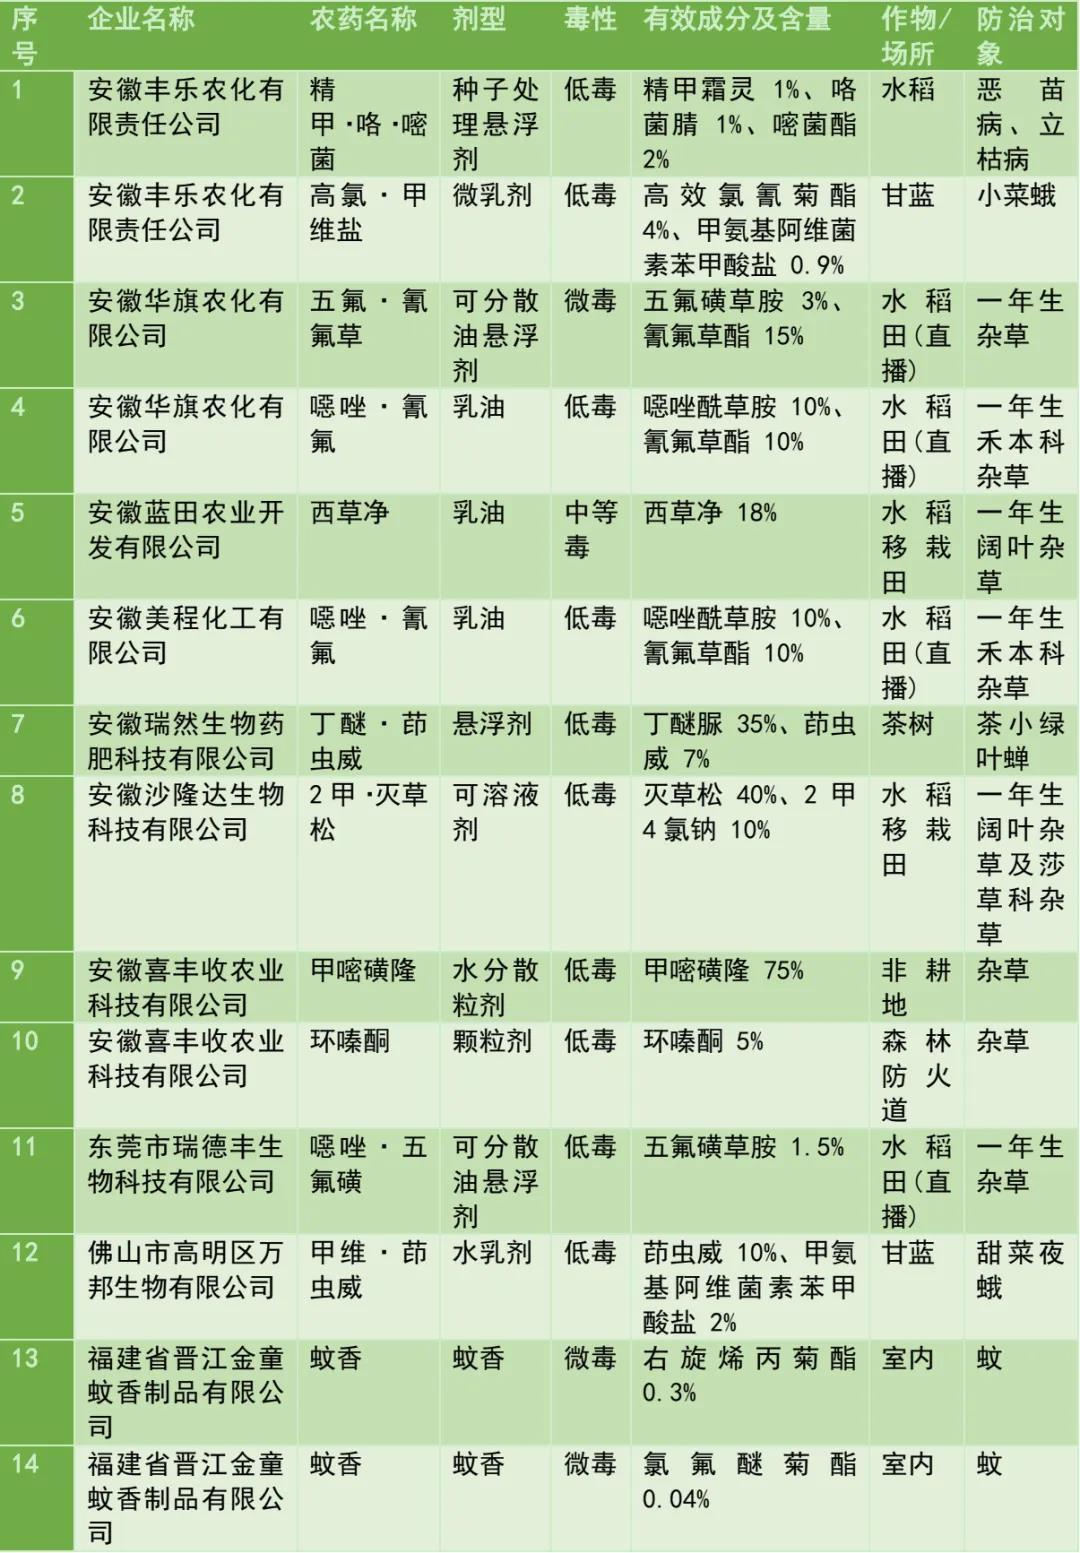 2020年首批拟获批登记农药产品144个,这六大亮点值得关注!